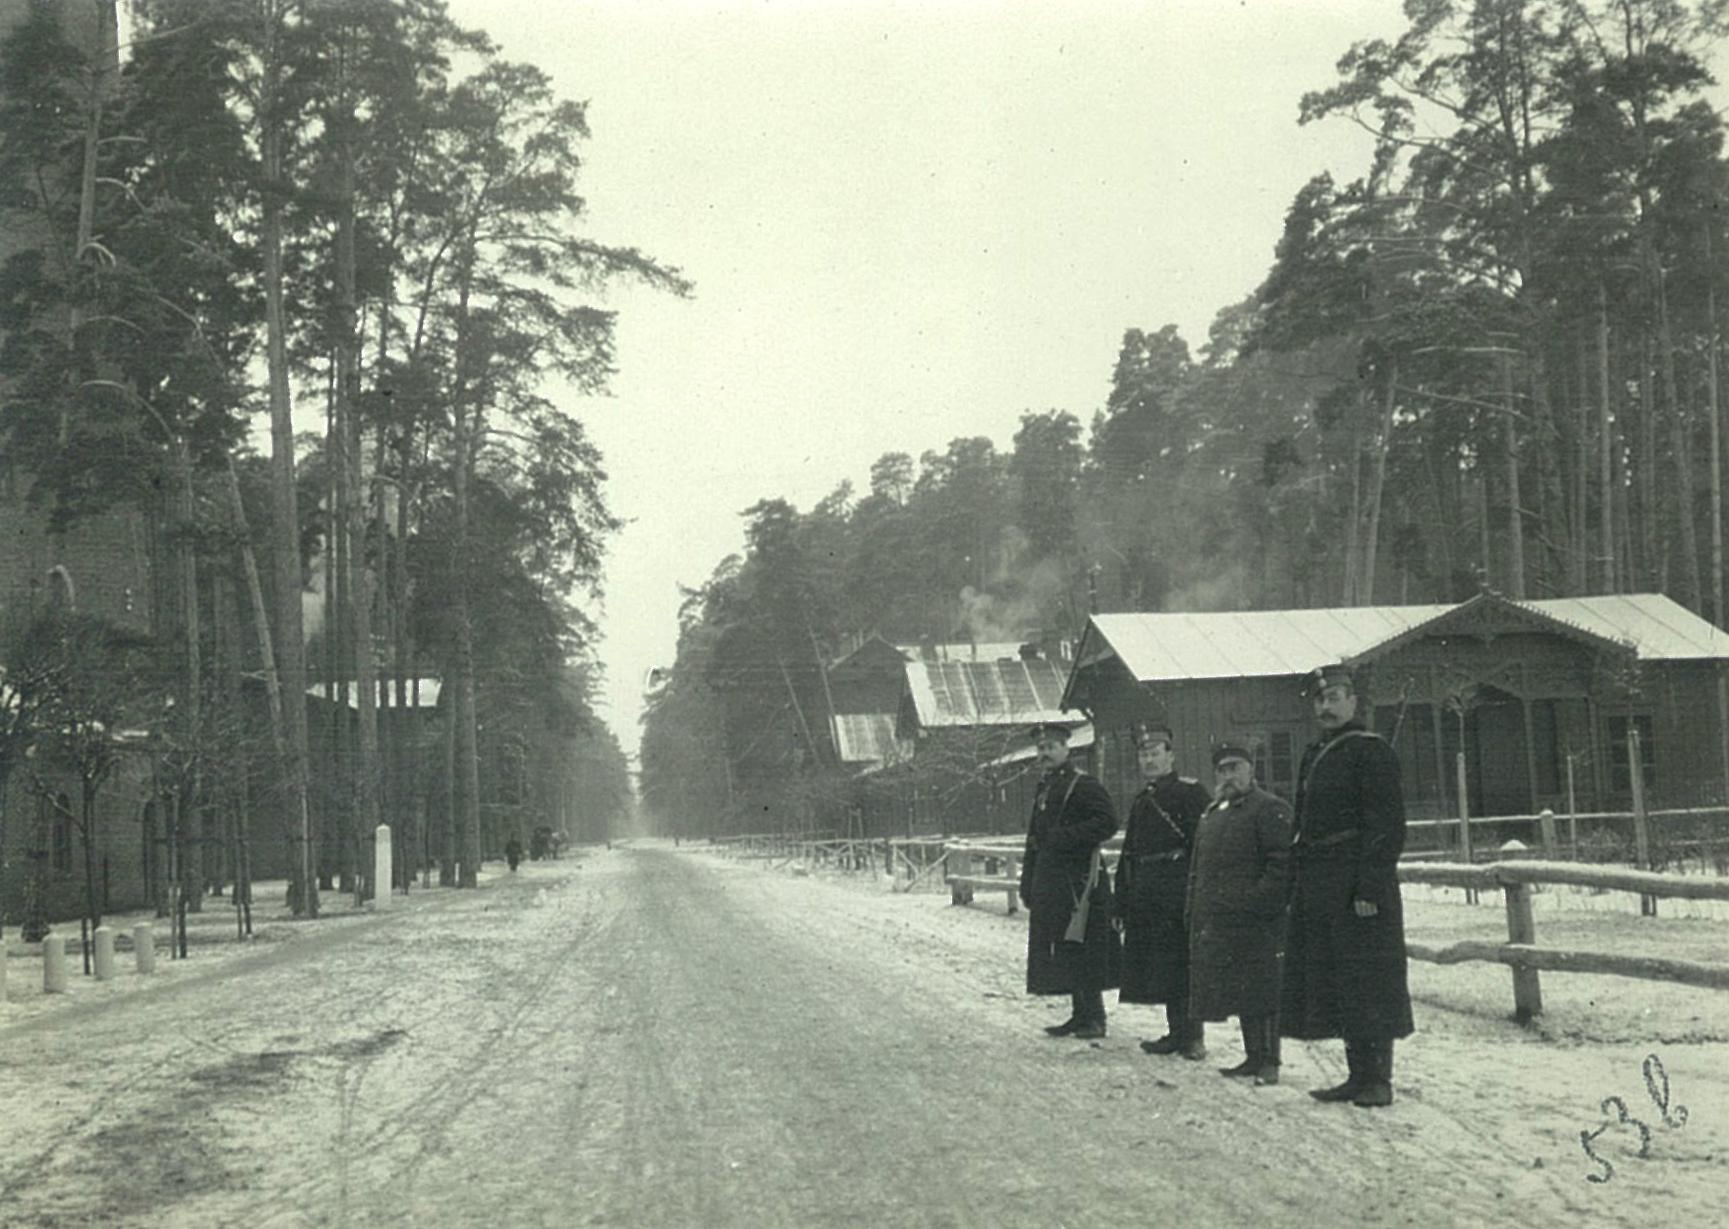 Зимний проспект с воинским патрулём